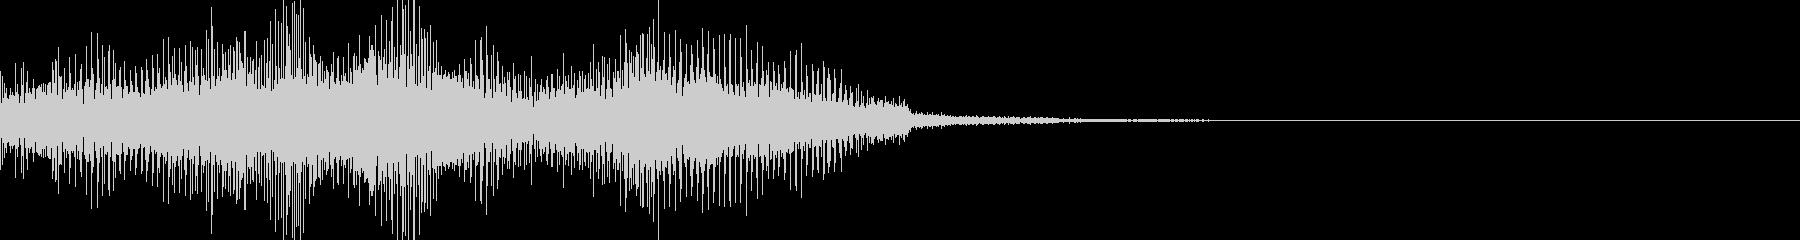 ショッキング(ホラー・ノイズ有り)10の未再生の波形